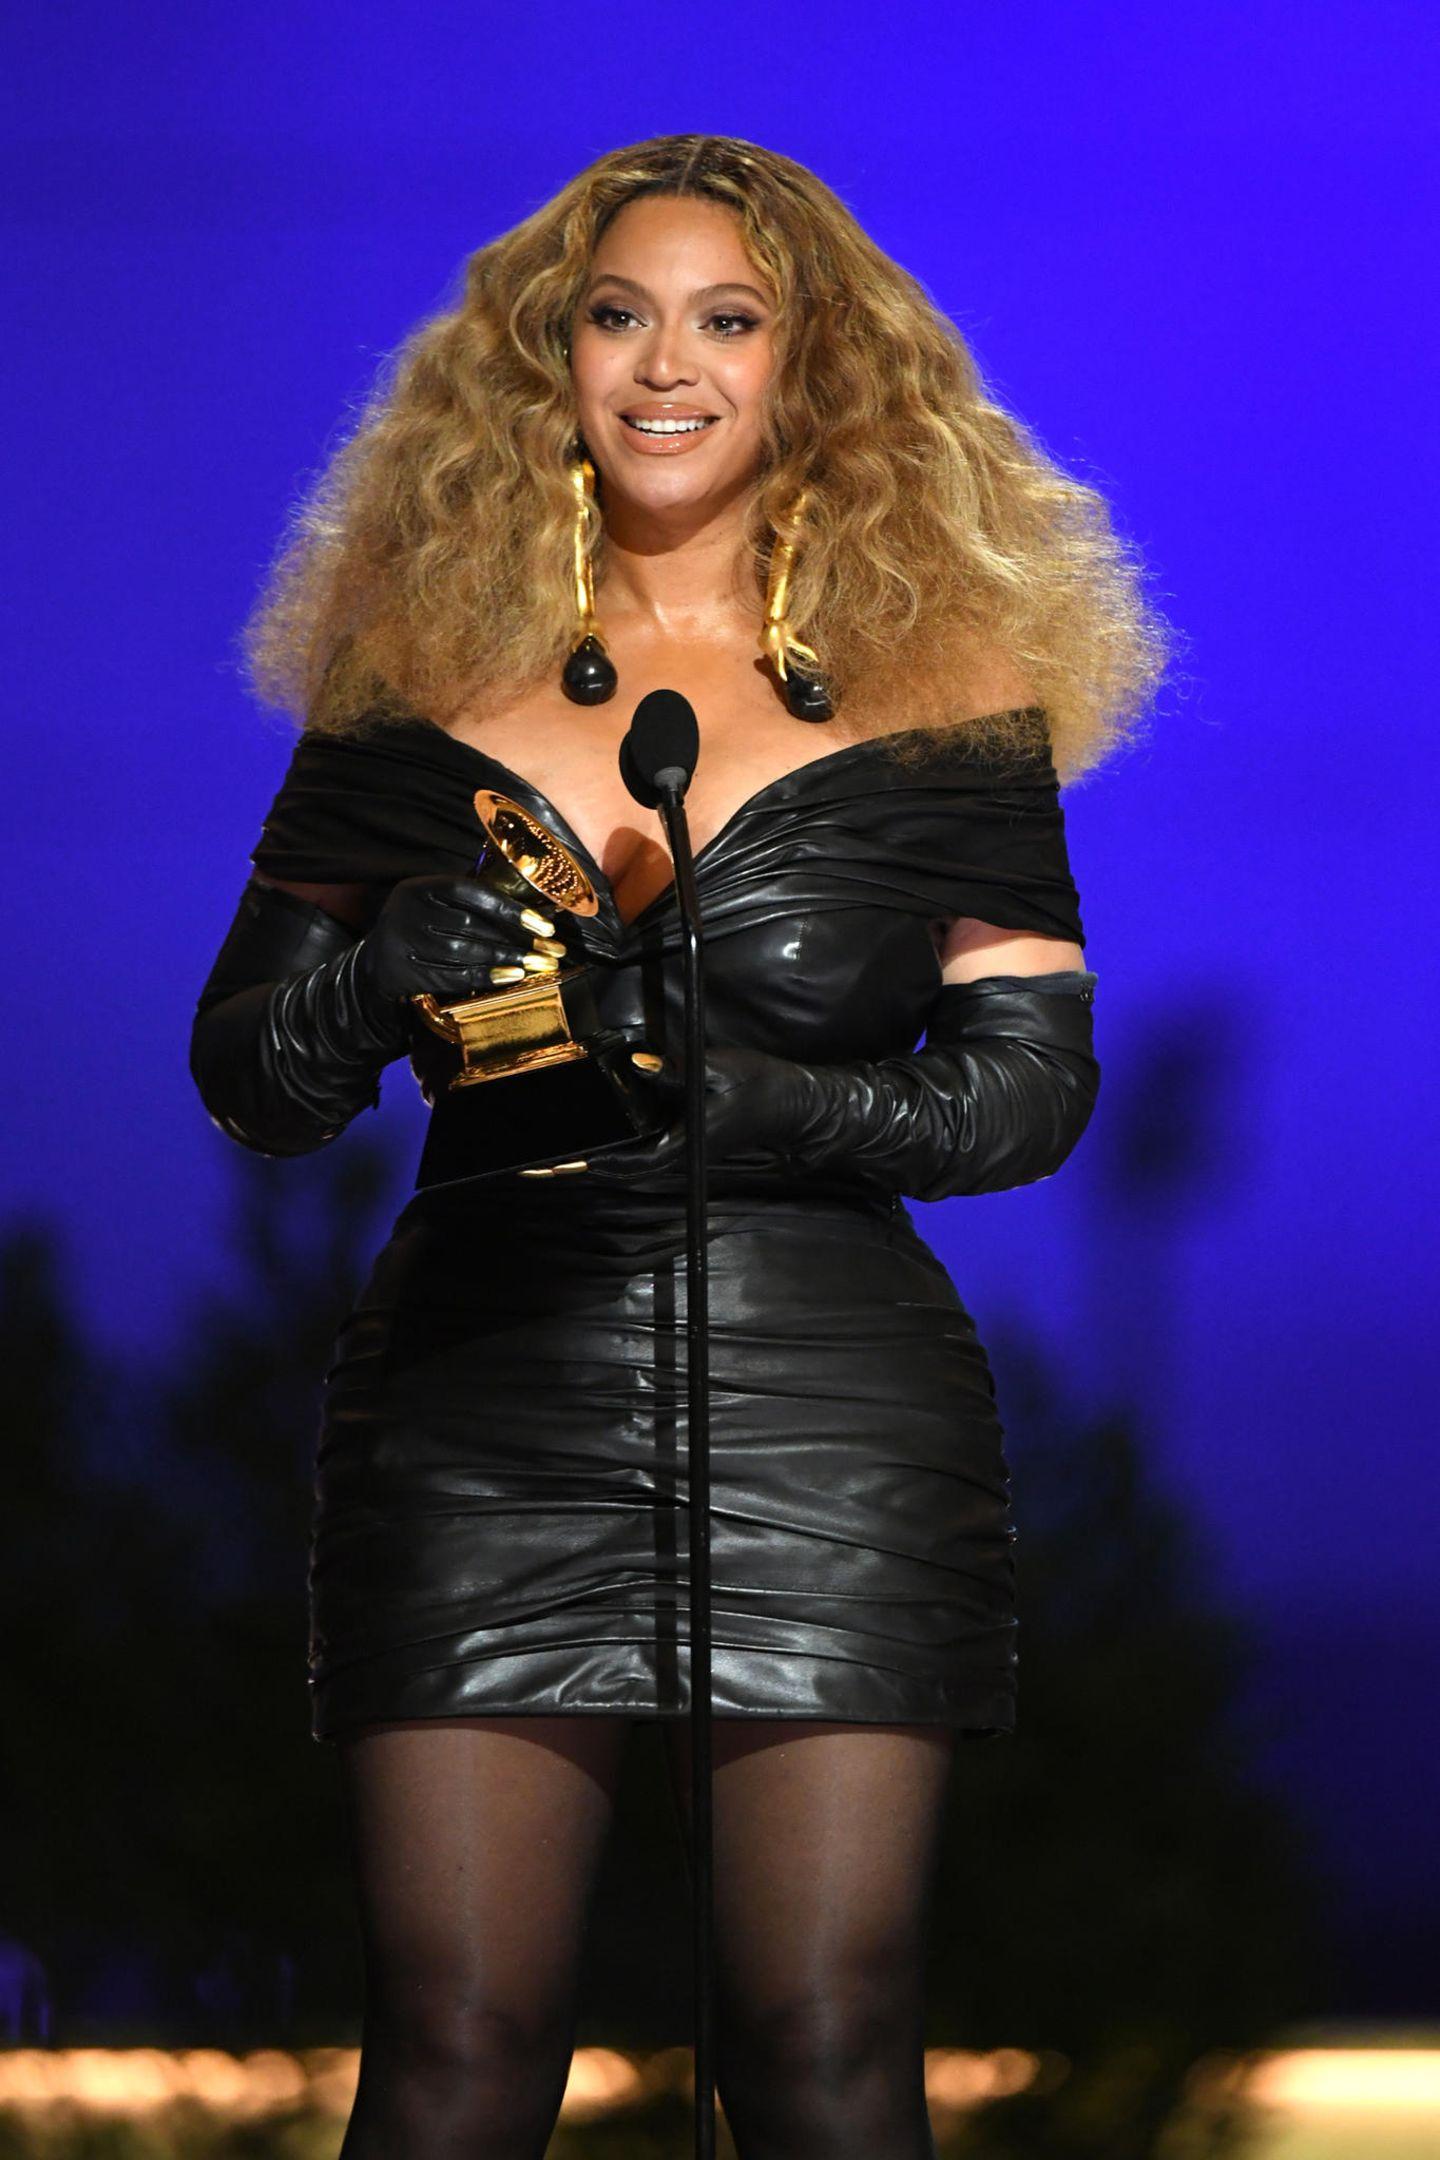 Beyoncé bekommt einen Grammy für die beste Performance. Mit ihrer 28. Auszeichnungist sie nun die Künstlerin, mit den meisten Grammys der Geschichte. Den Preis nimmt sie in diesem tollen Lederkleid vonSchiaparelli entgegen.